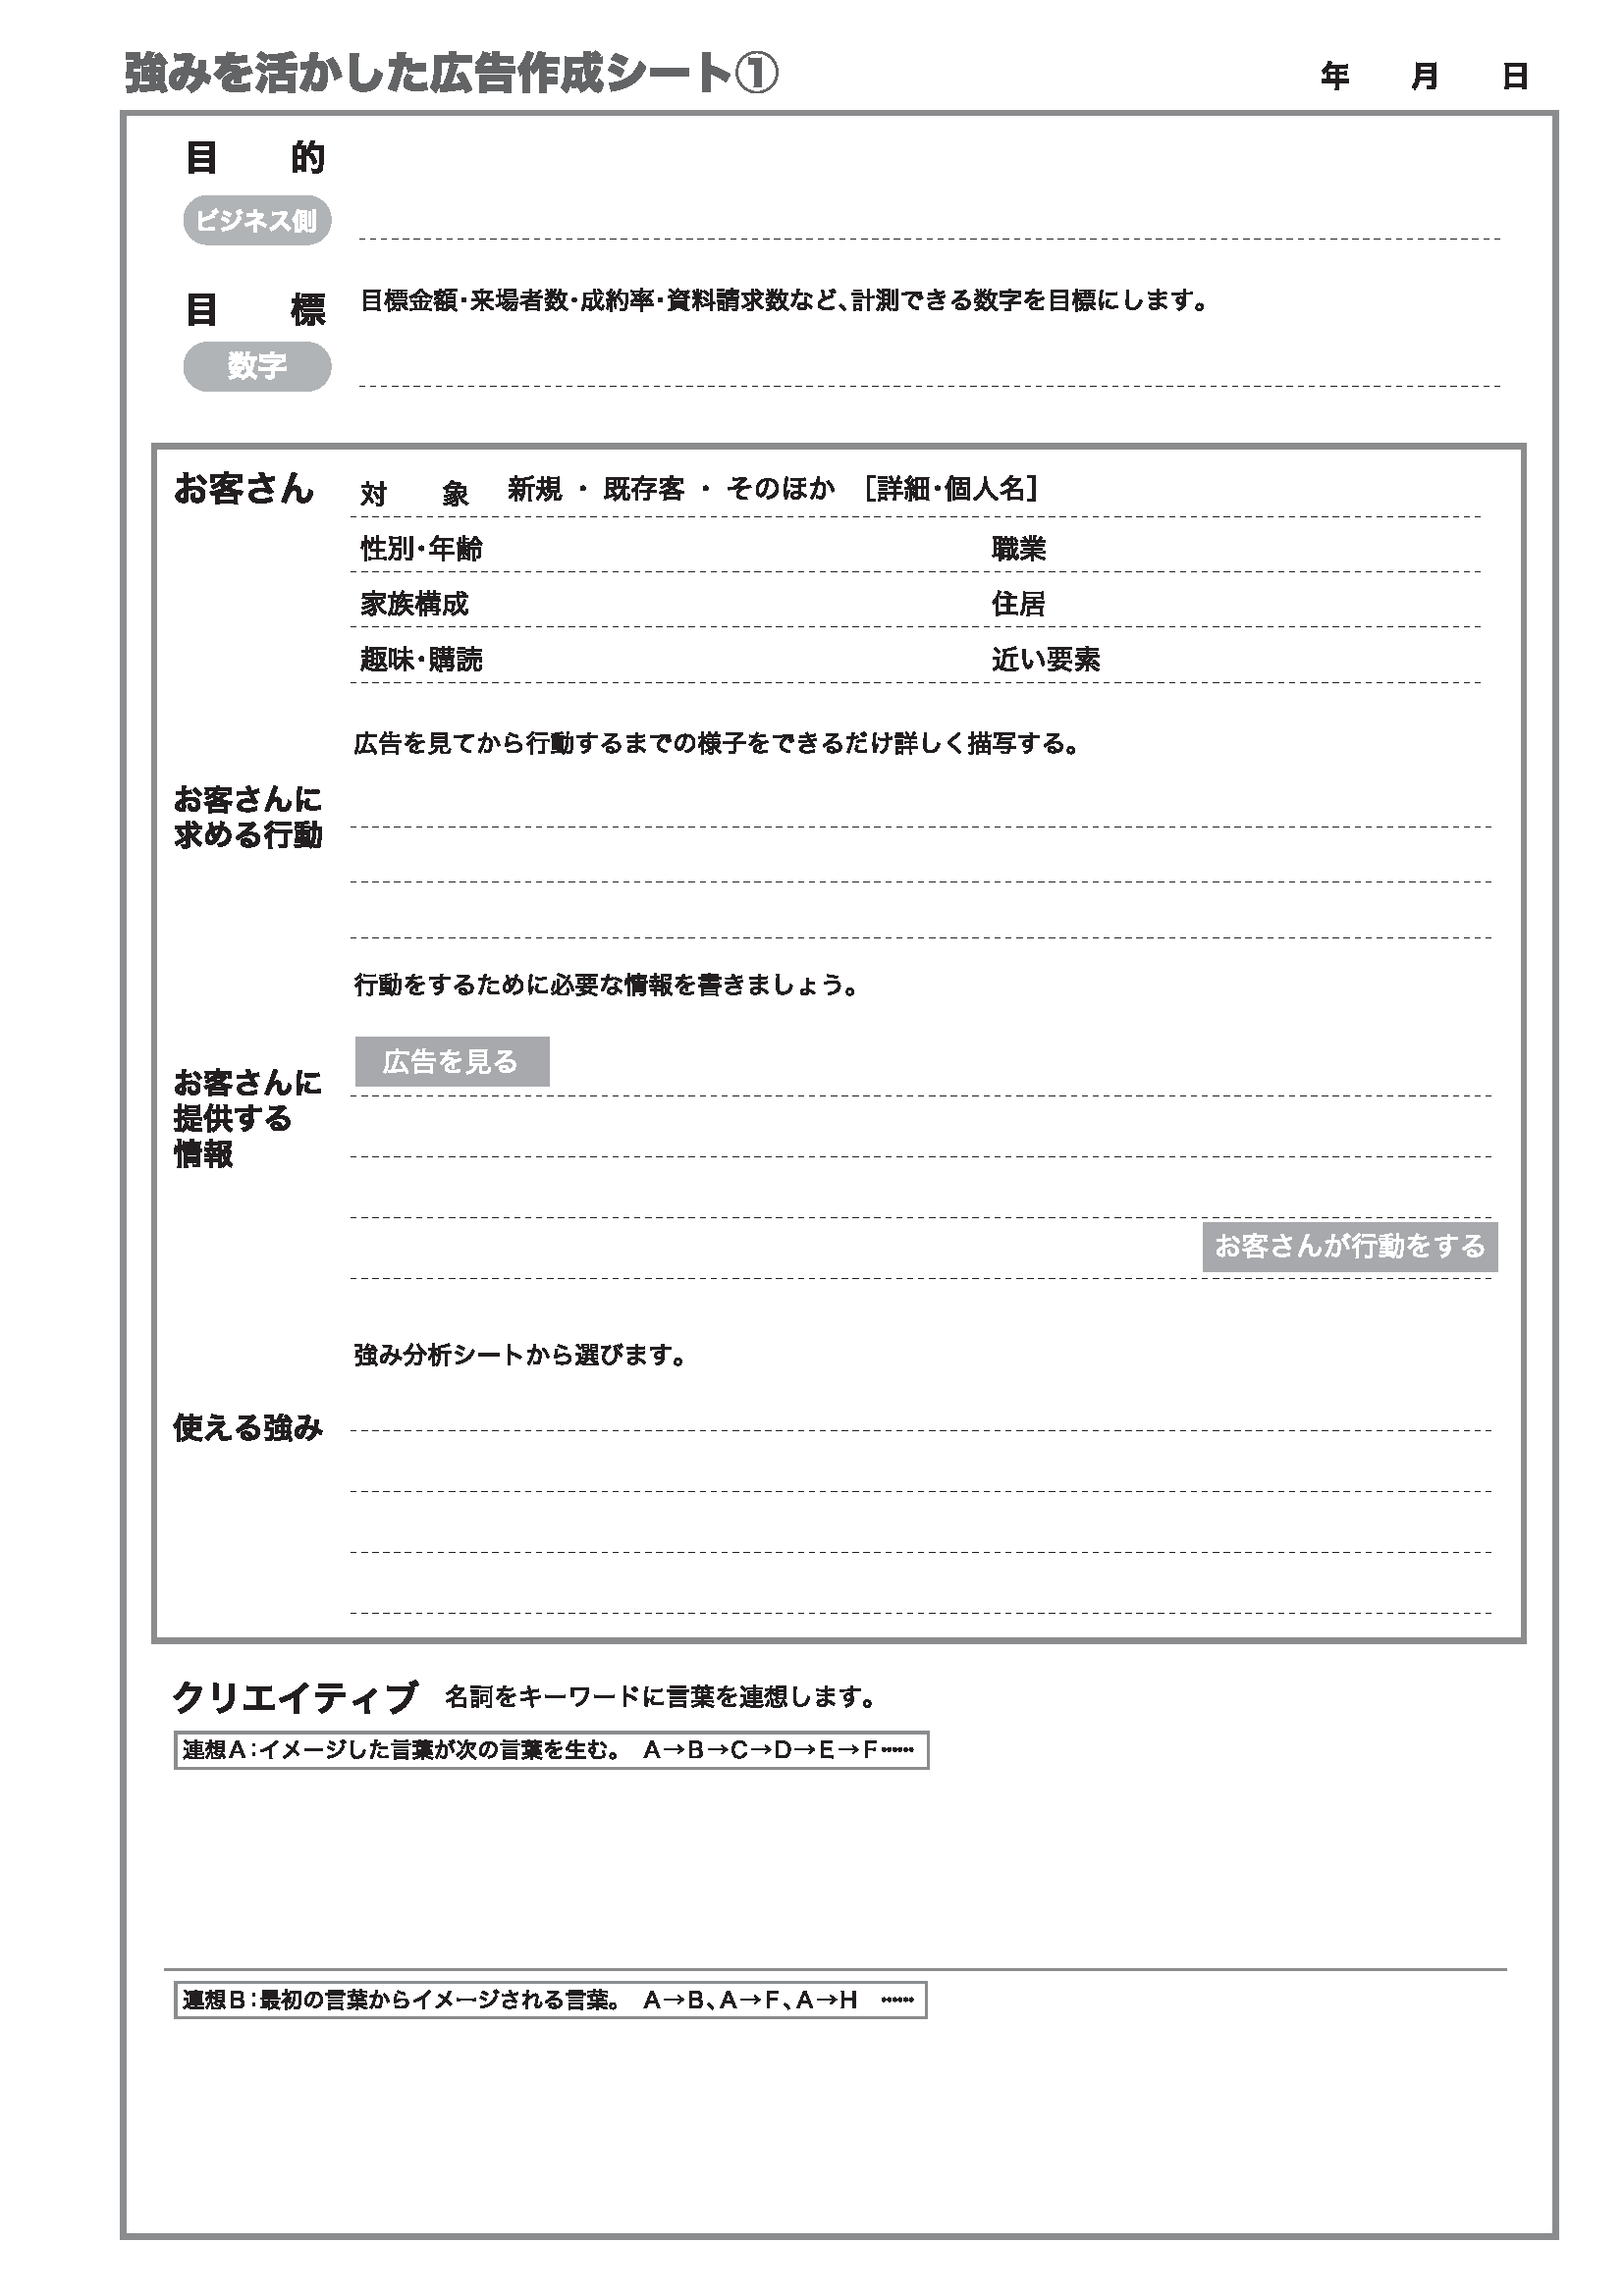 チラシ作成シート (1)_ページ_1